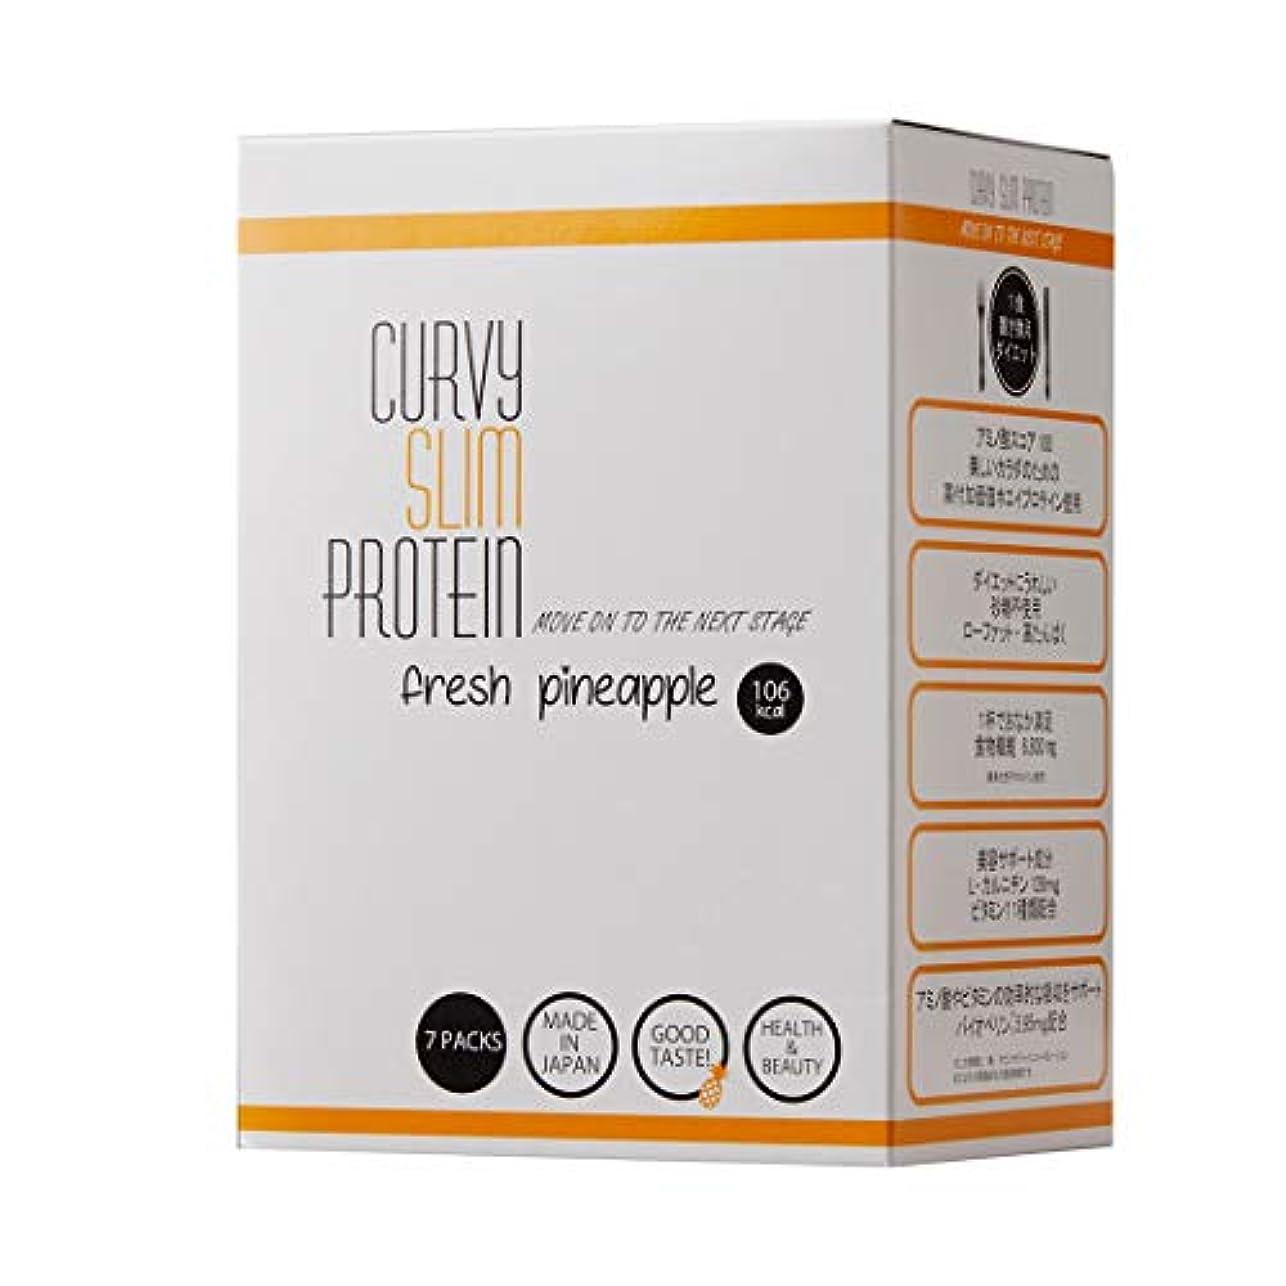 口述する補う折カーヴィースリム® プロテイン フレッシュパイナップル 置き換え ダイエット 7包(7食分)